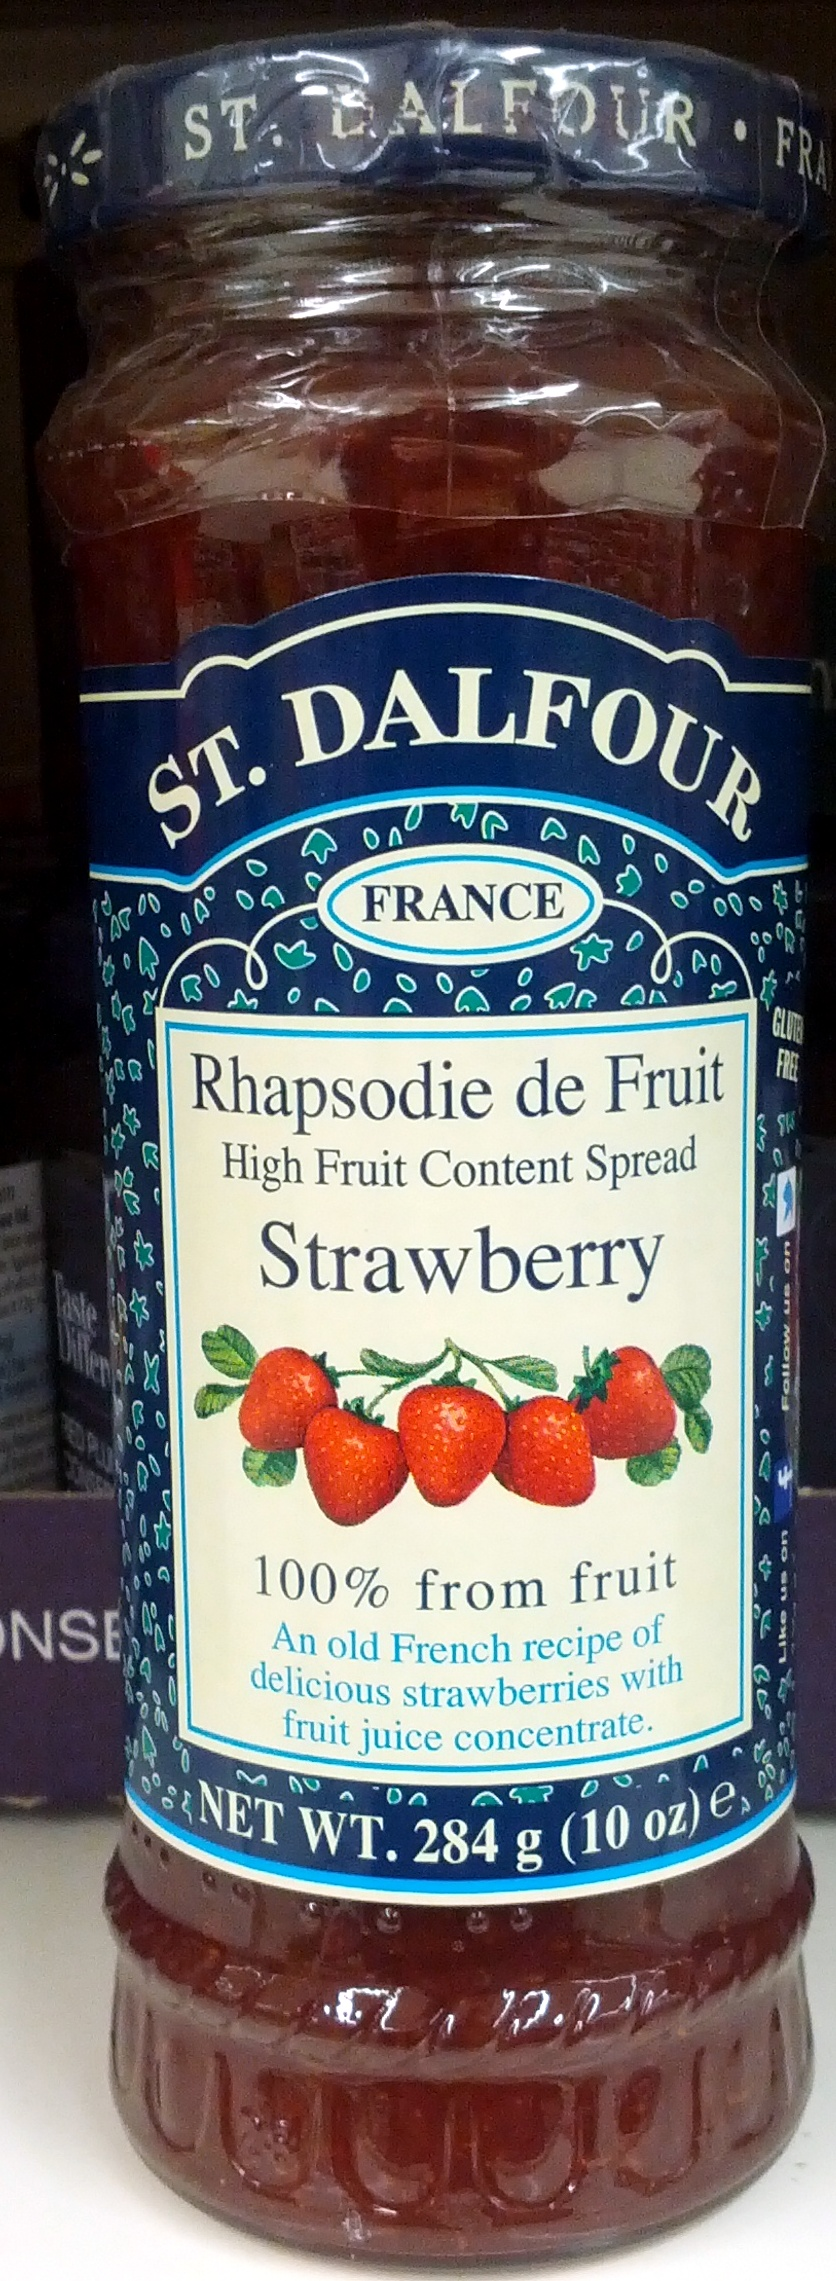 Rhapsodie de fruit Strawberry - Product - en